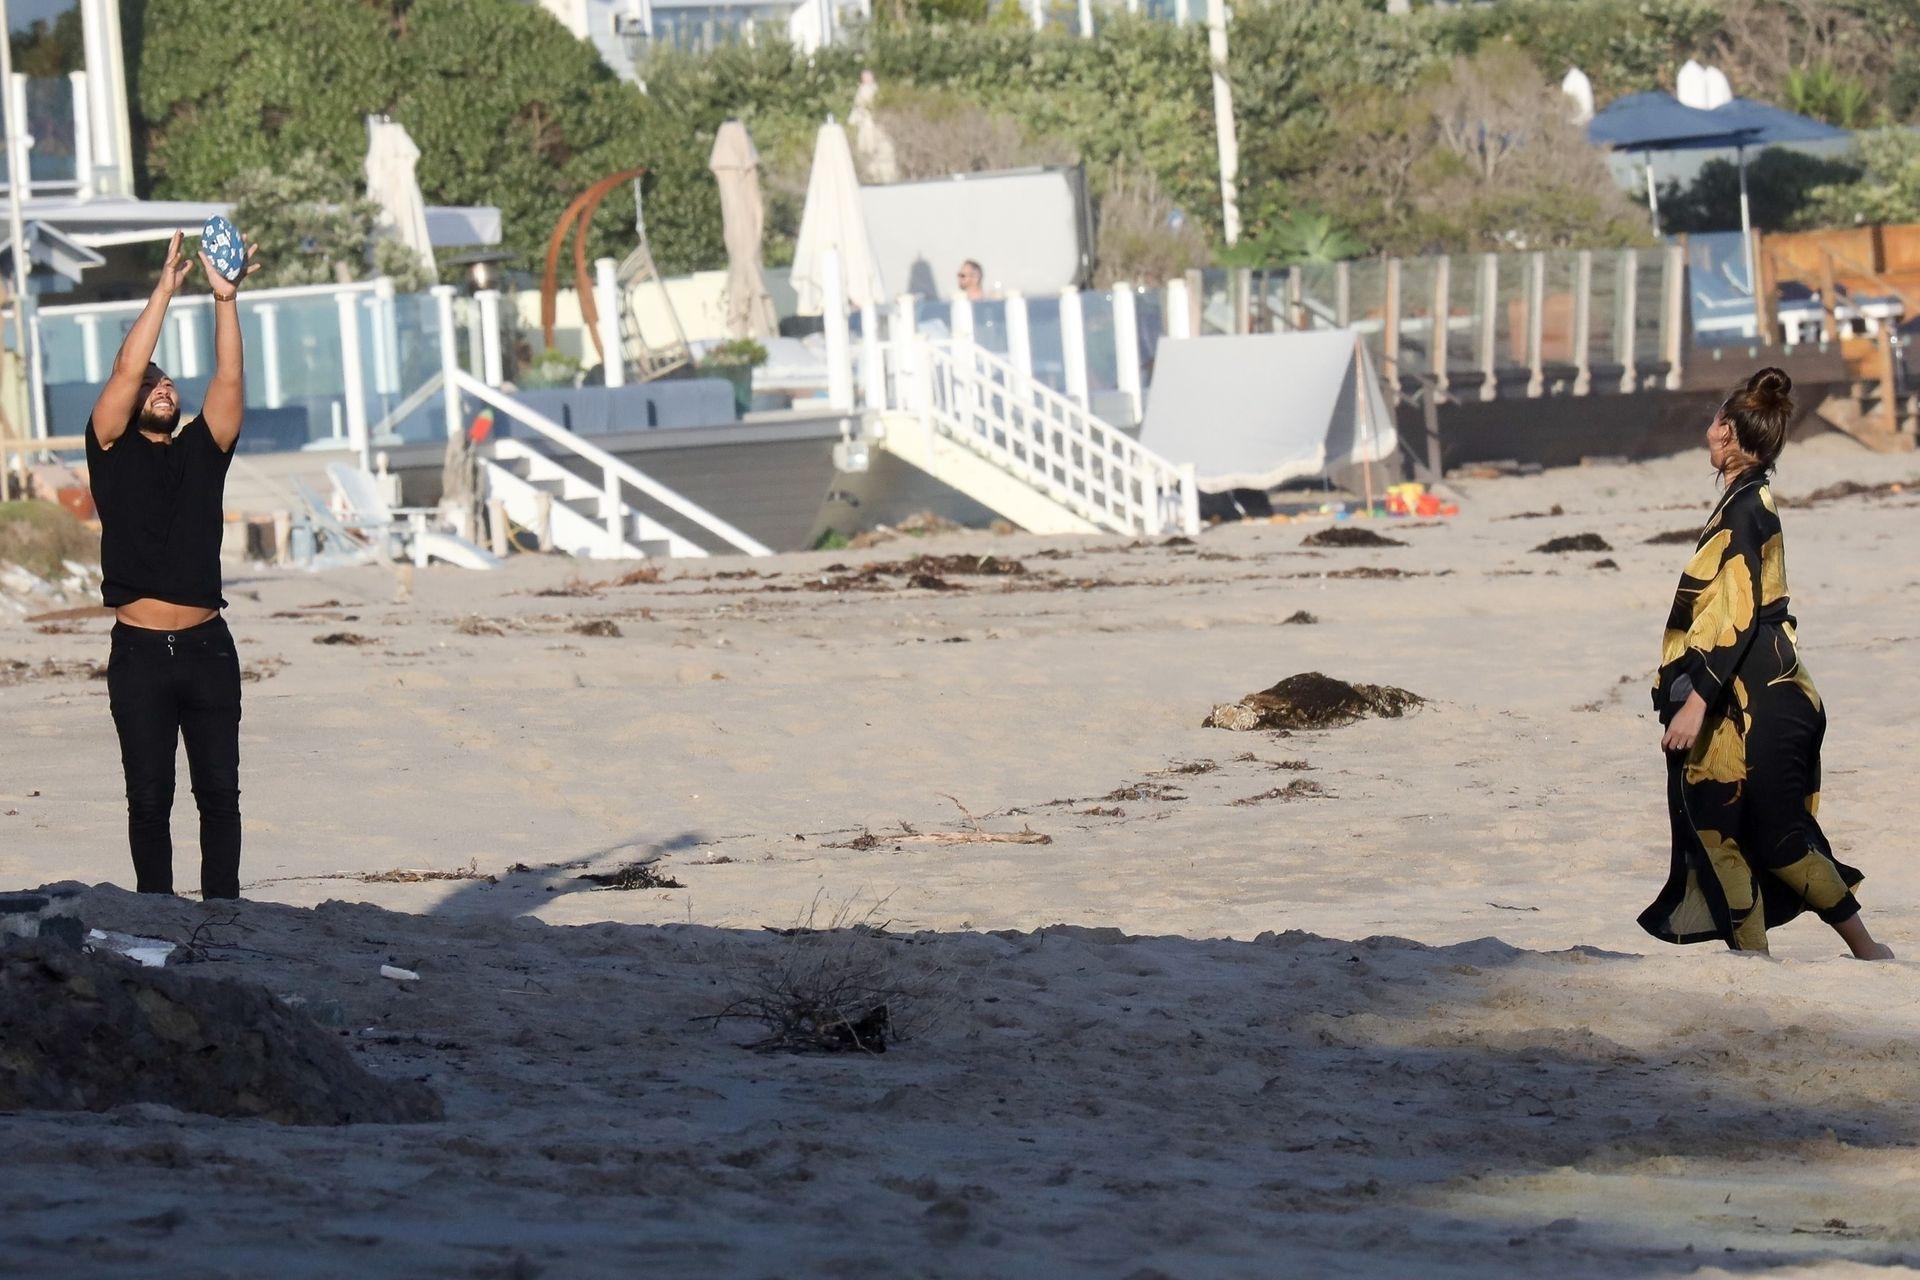 Chrissy Teigen Enjoys A Beach Day In Malibu Amid All Coronavirus Chaos 0005